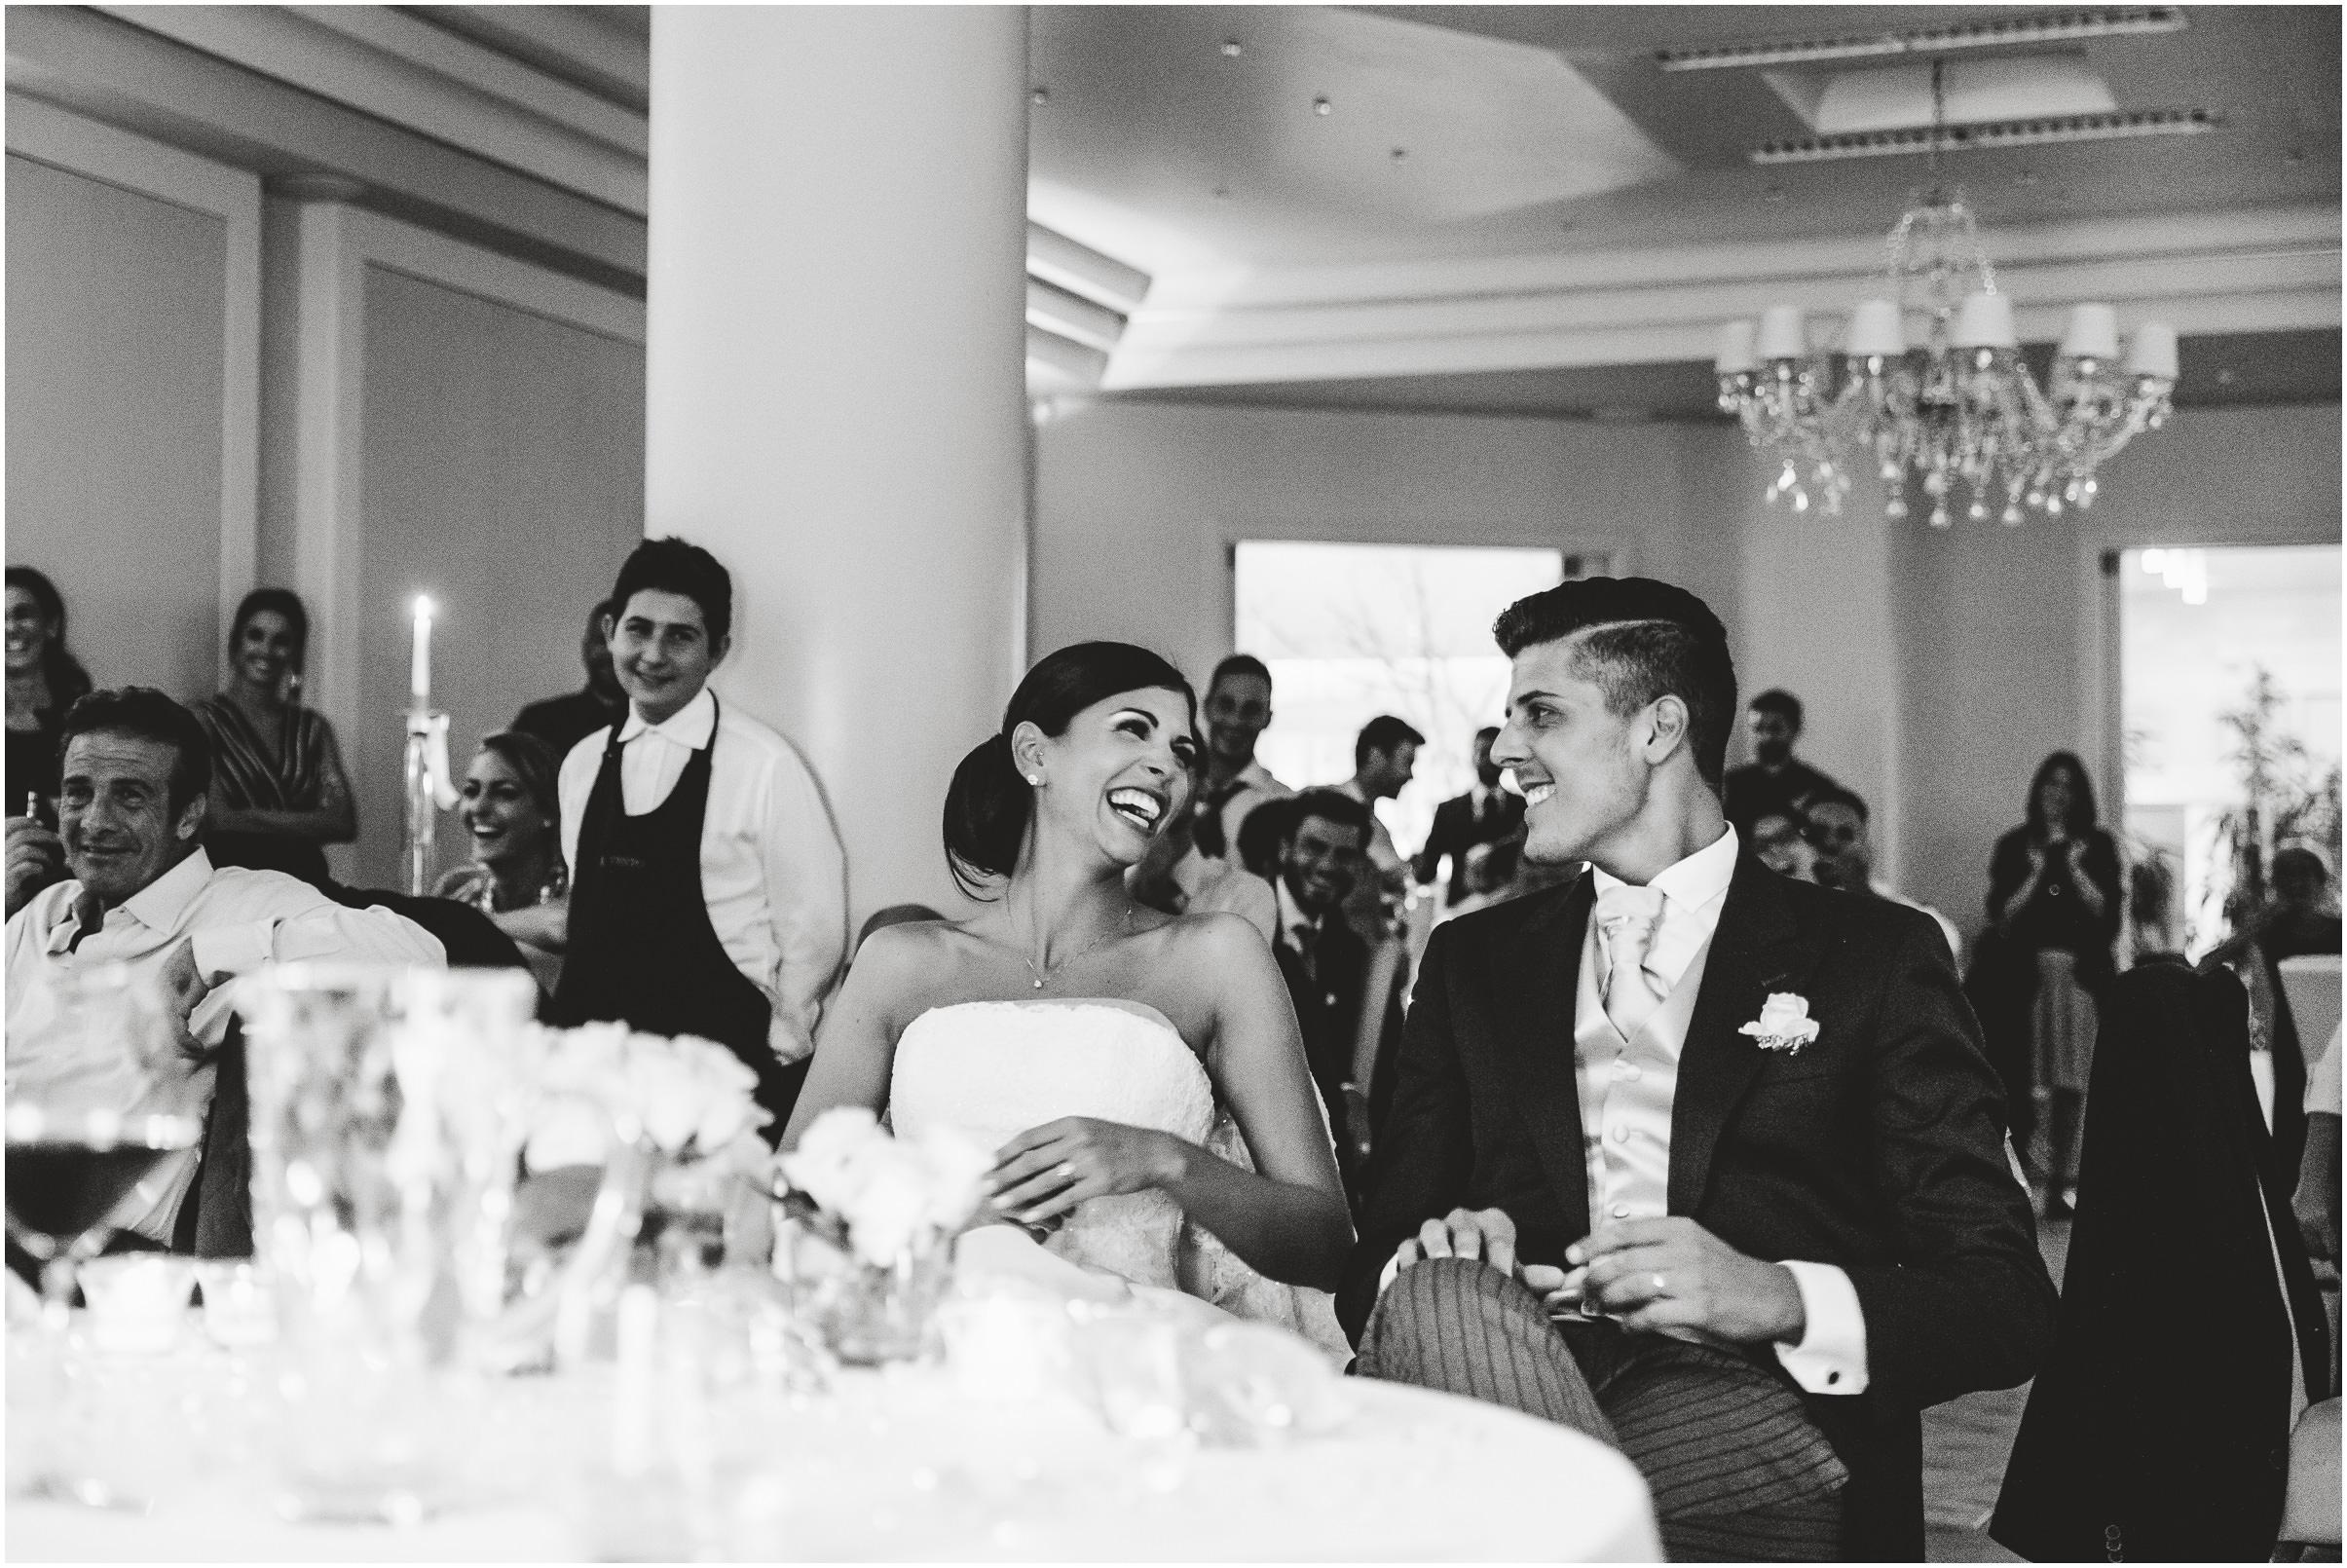 WEDDING-PHOTOGRAPHY-SARA-LORENZONI-FOTOGRAFIA-MATRIMONIO-AREZZO-TUSCANY-EVENTO-LE-SPOSE-DI-GIANNI-ELISA-LUCA062